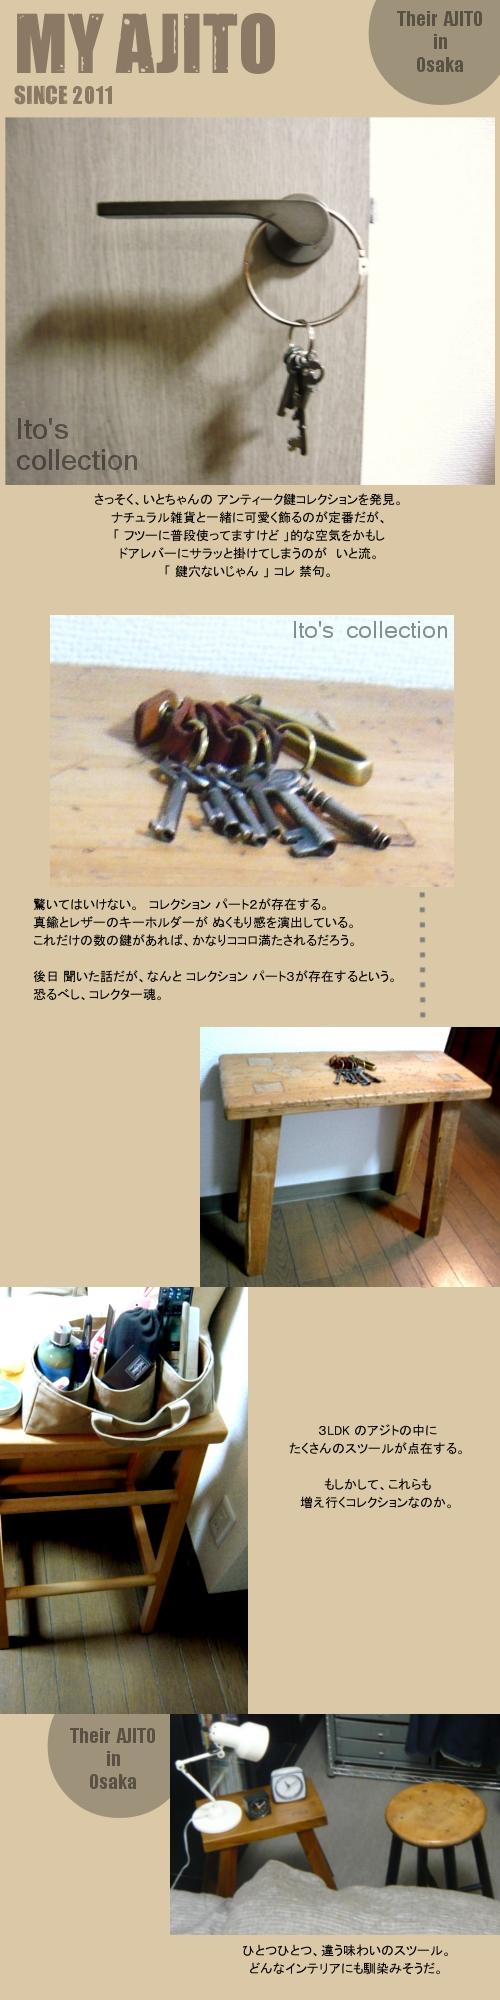 OSAKA_3.jpg